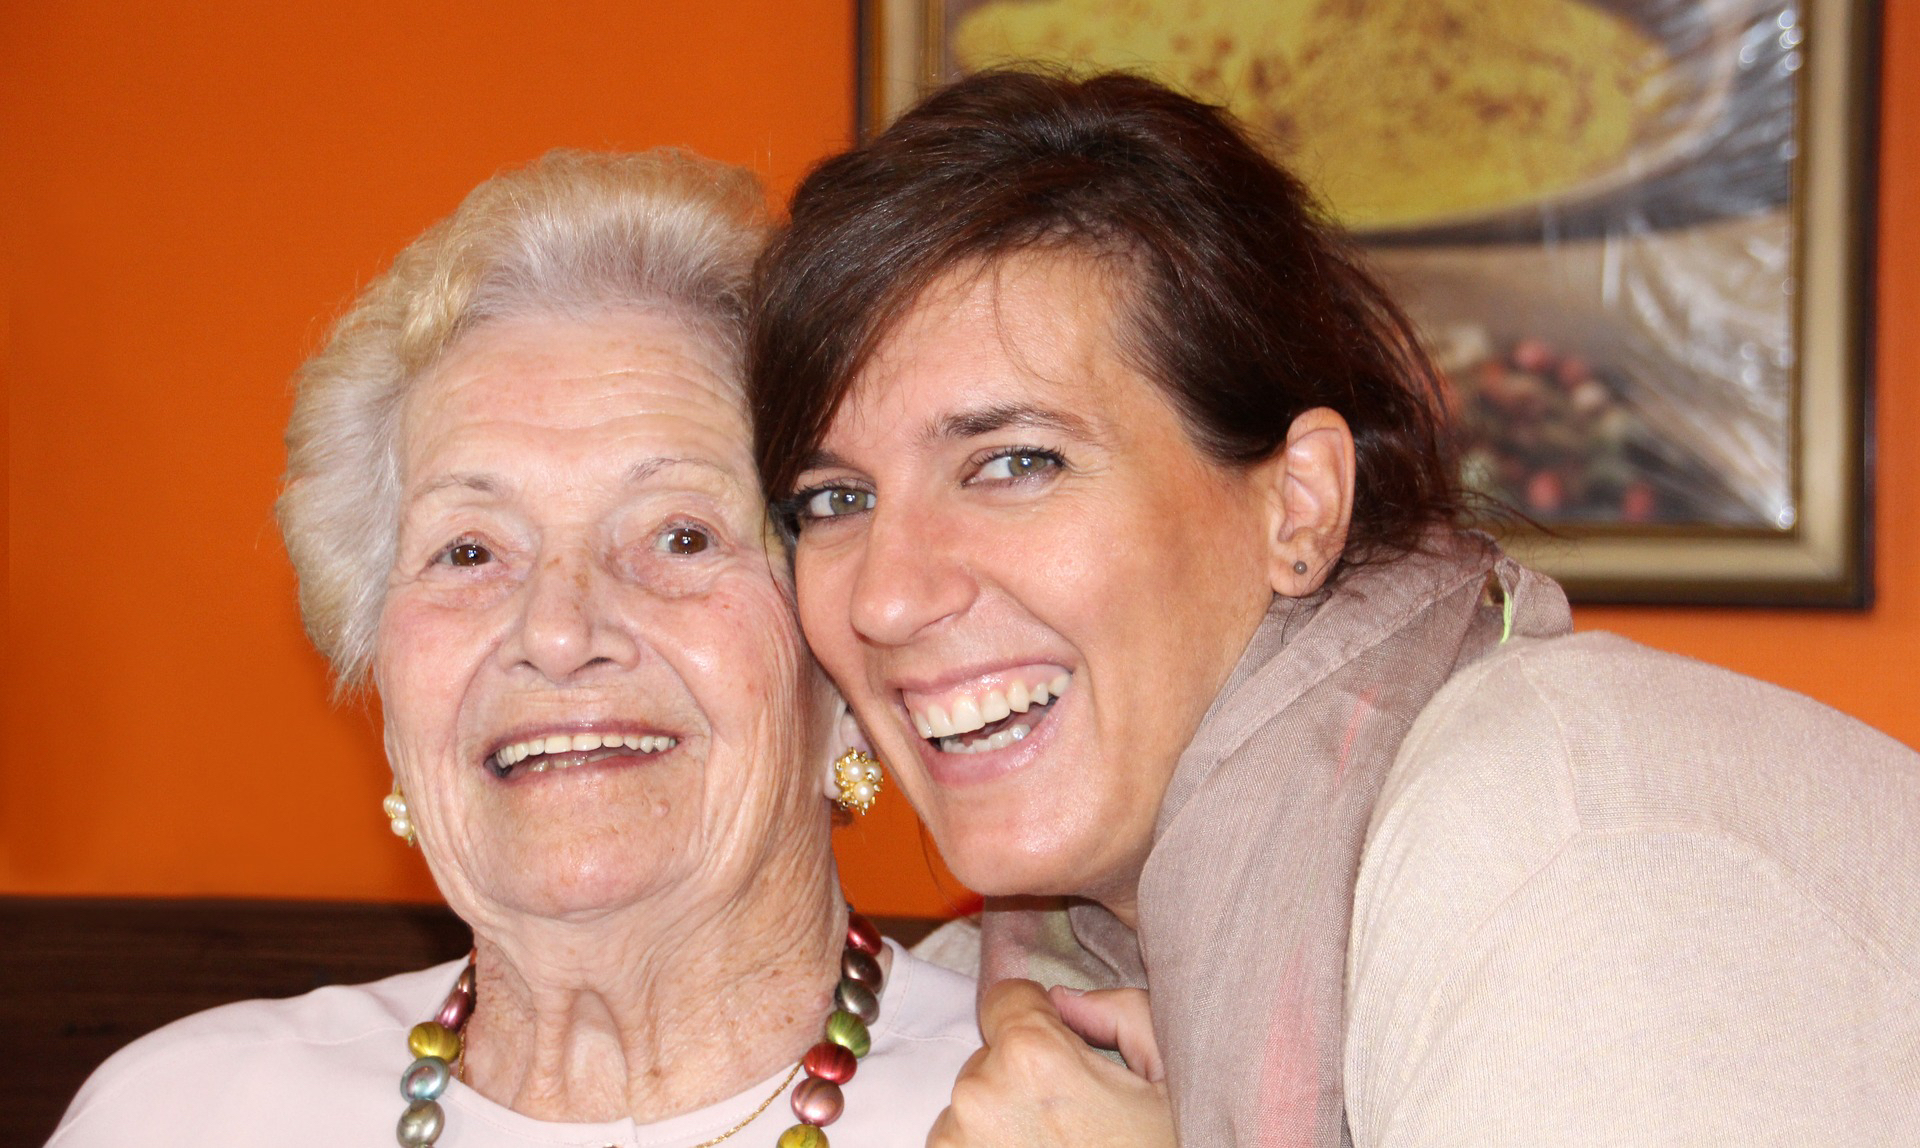 #caregiving #caregiversupport #caregivernurnout